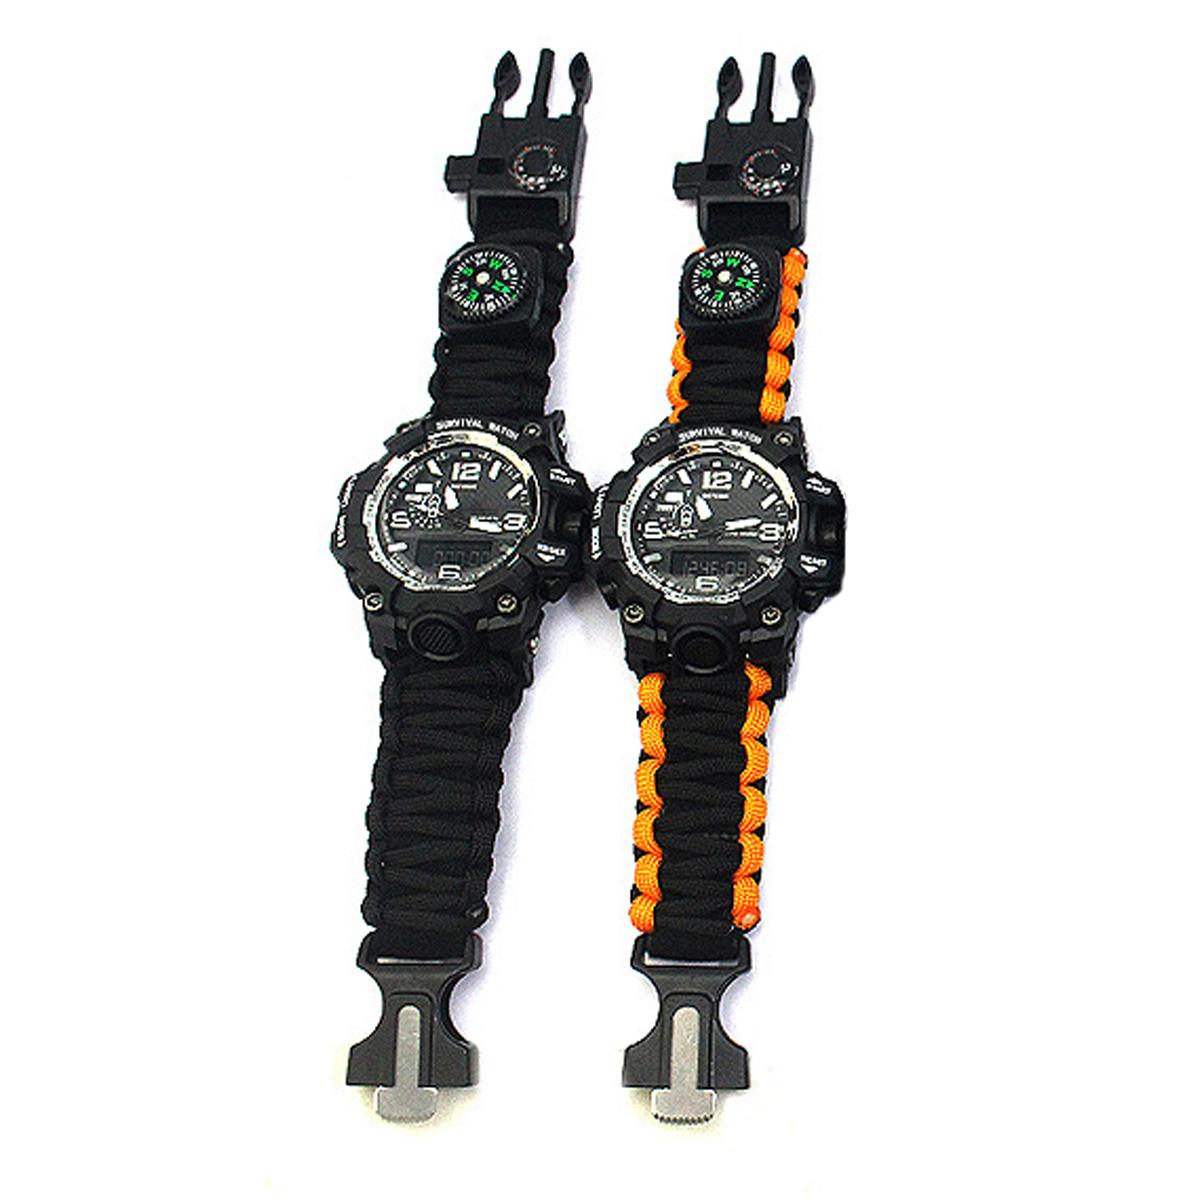 Armbanduhren 7 In 1 Multifunktionsmode Im Freien Sport Elektronische Uhr Handgewebte I1h7 Volumen Groß Uhren & Schmuck 1x